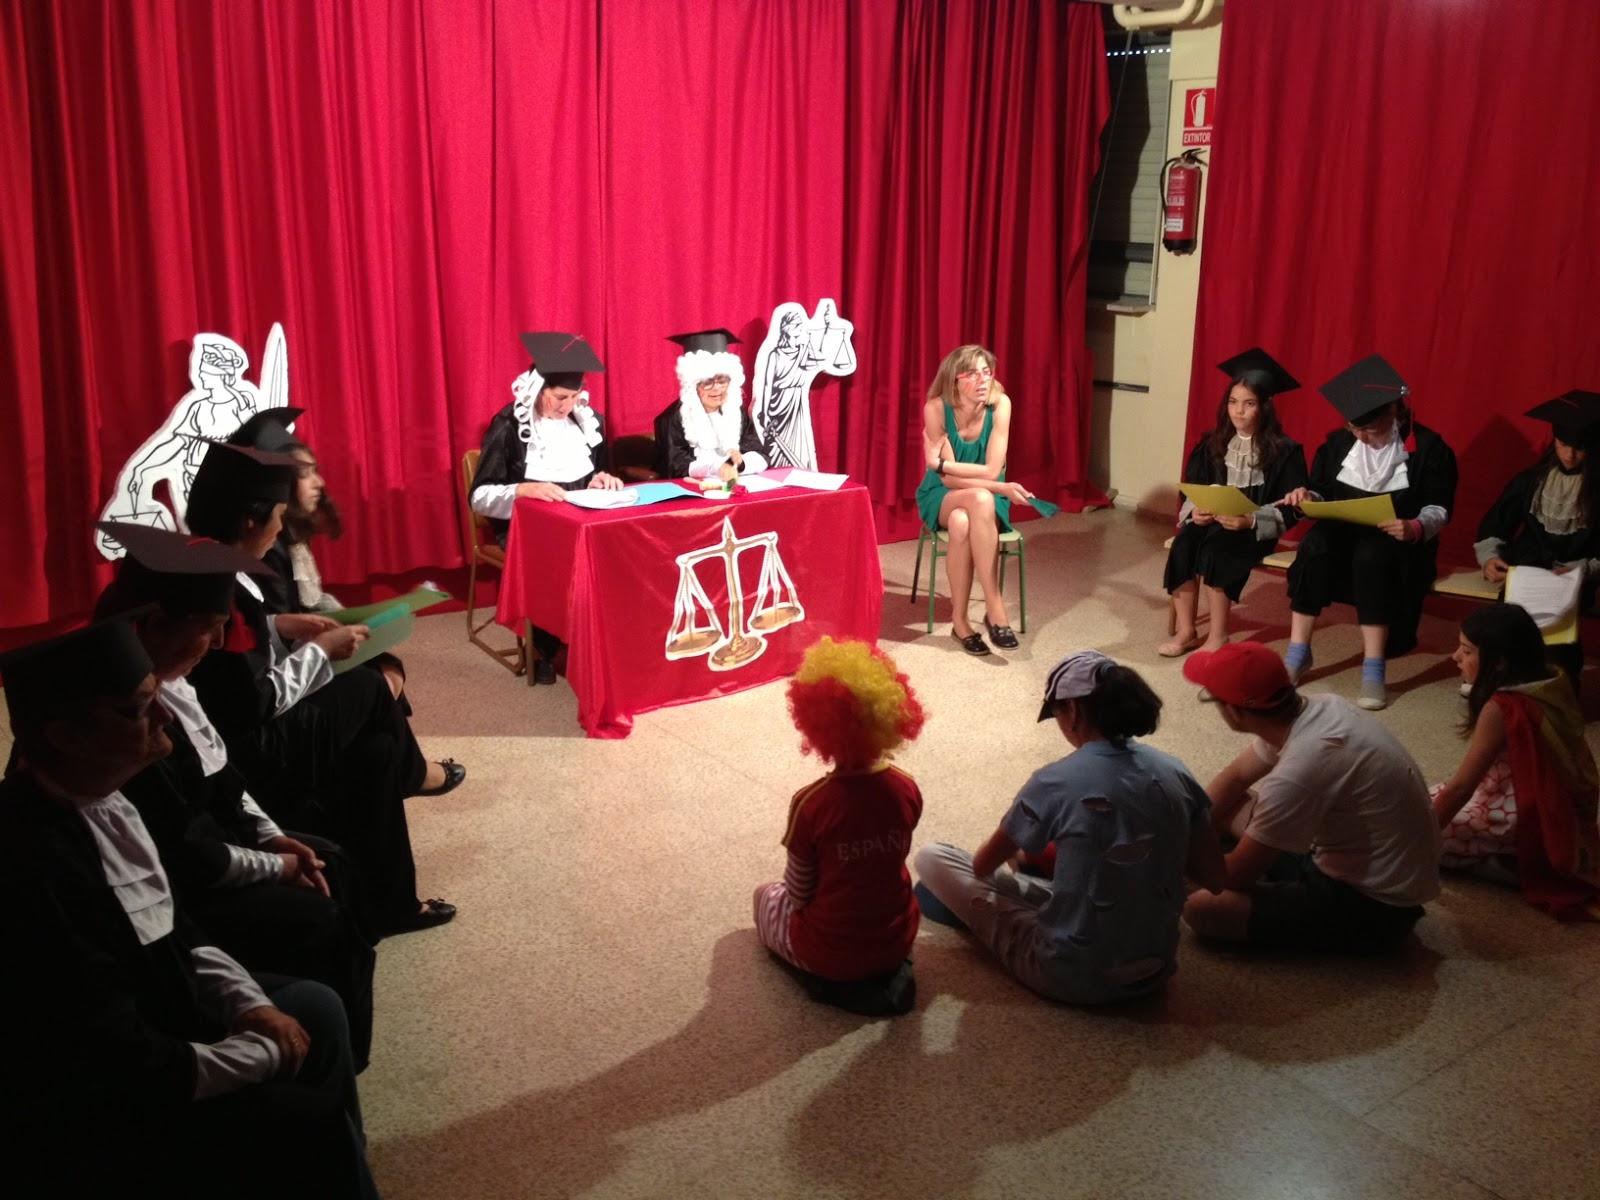 un momento de la representación en el salon de actos del CEIP Marqués de Valero